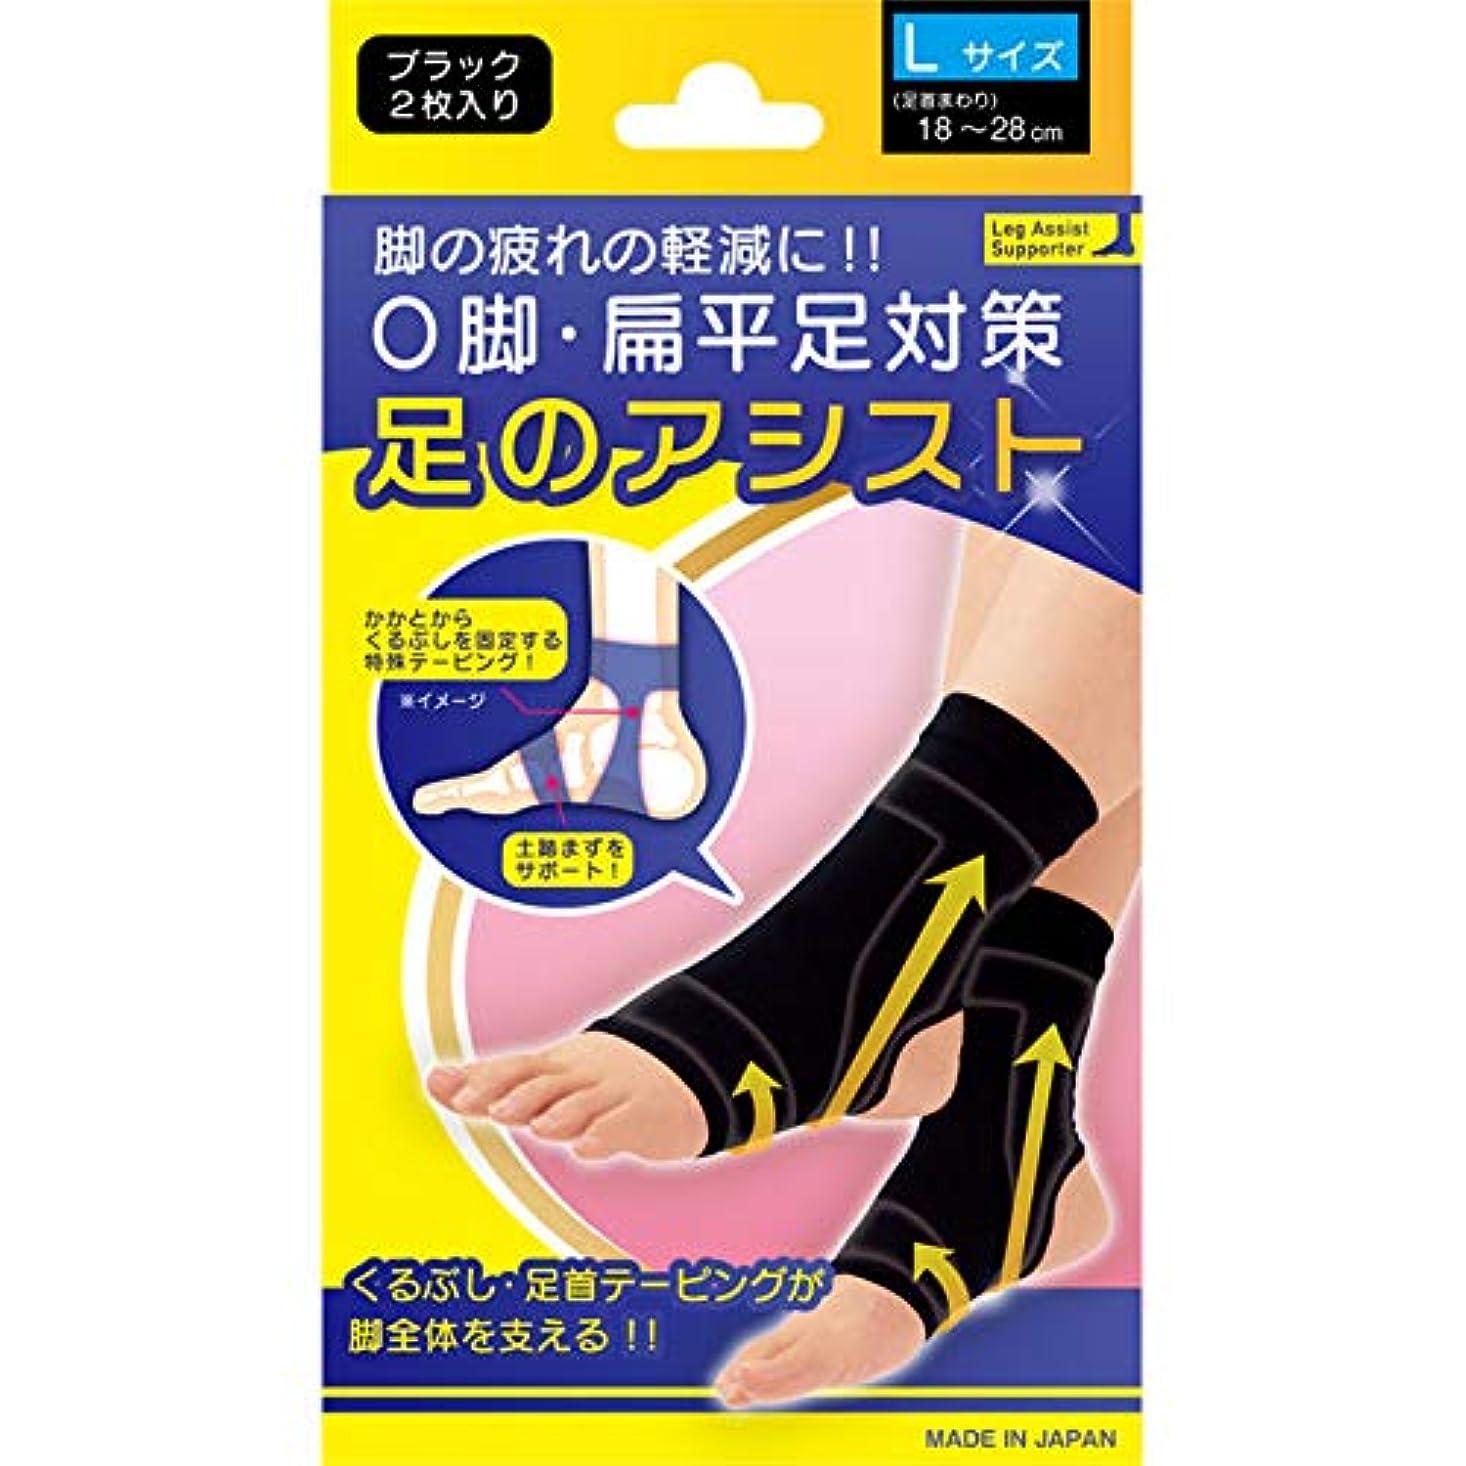 納屋鉄結論美脚足のアシスト ブラック 2枚入り Lサイズ(足首まわり18~28cm)